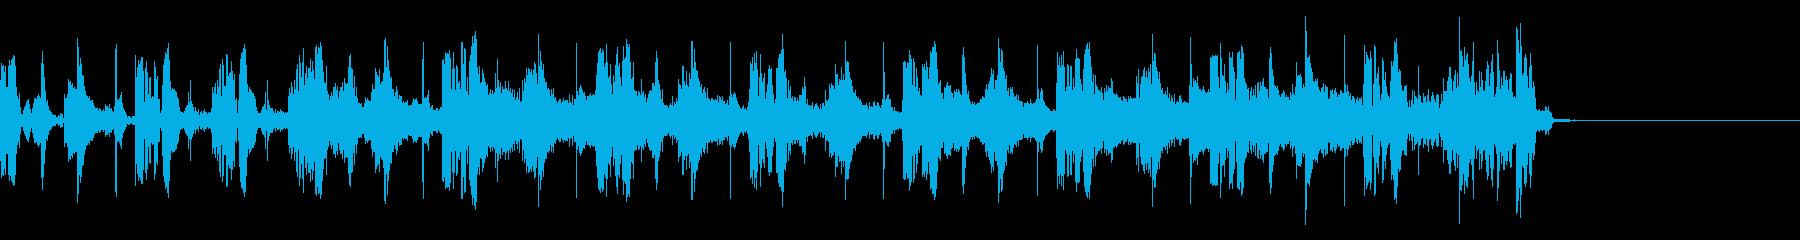 ニューヨークなHIPHOP(15秒)の再生済みの波形